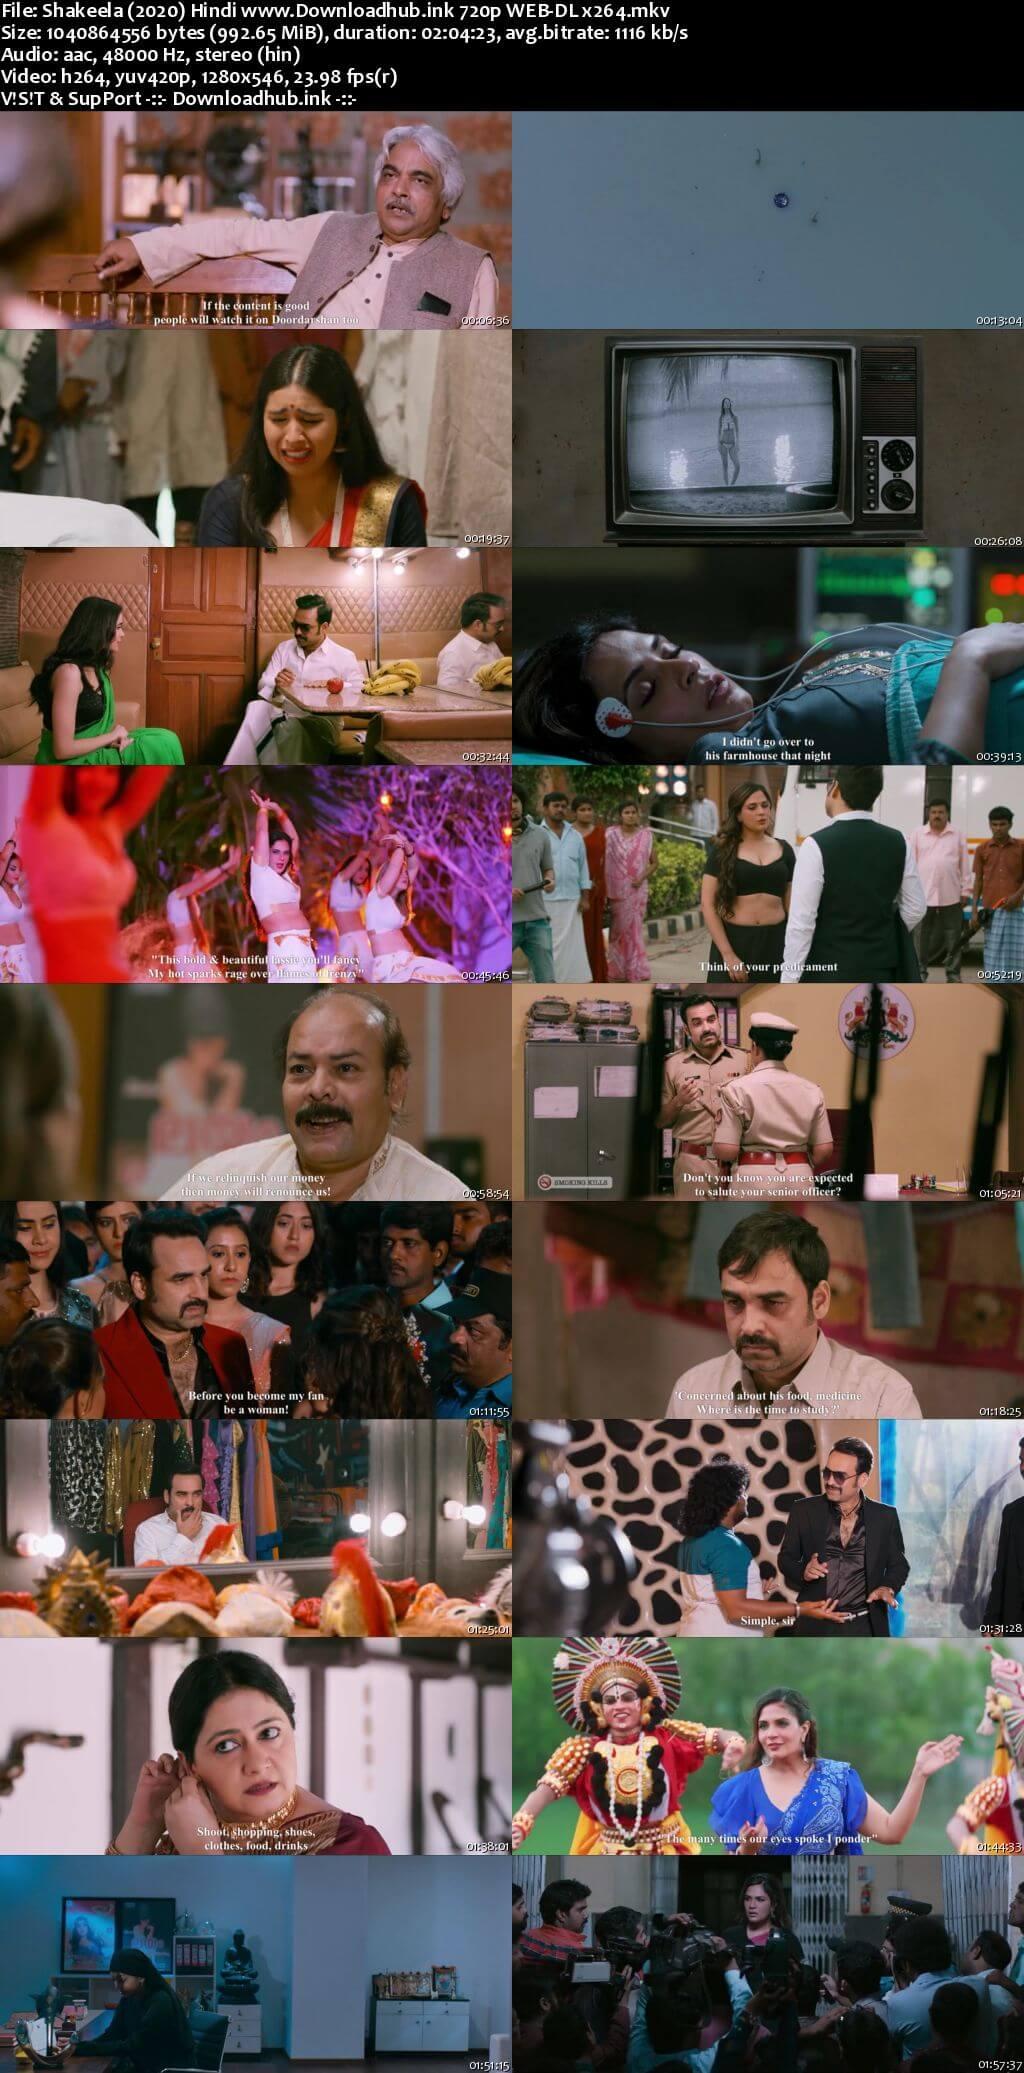 Shakeela 2020 Hindi 720p HDRip x264